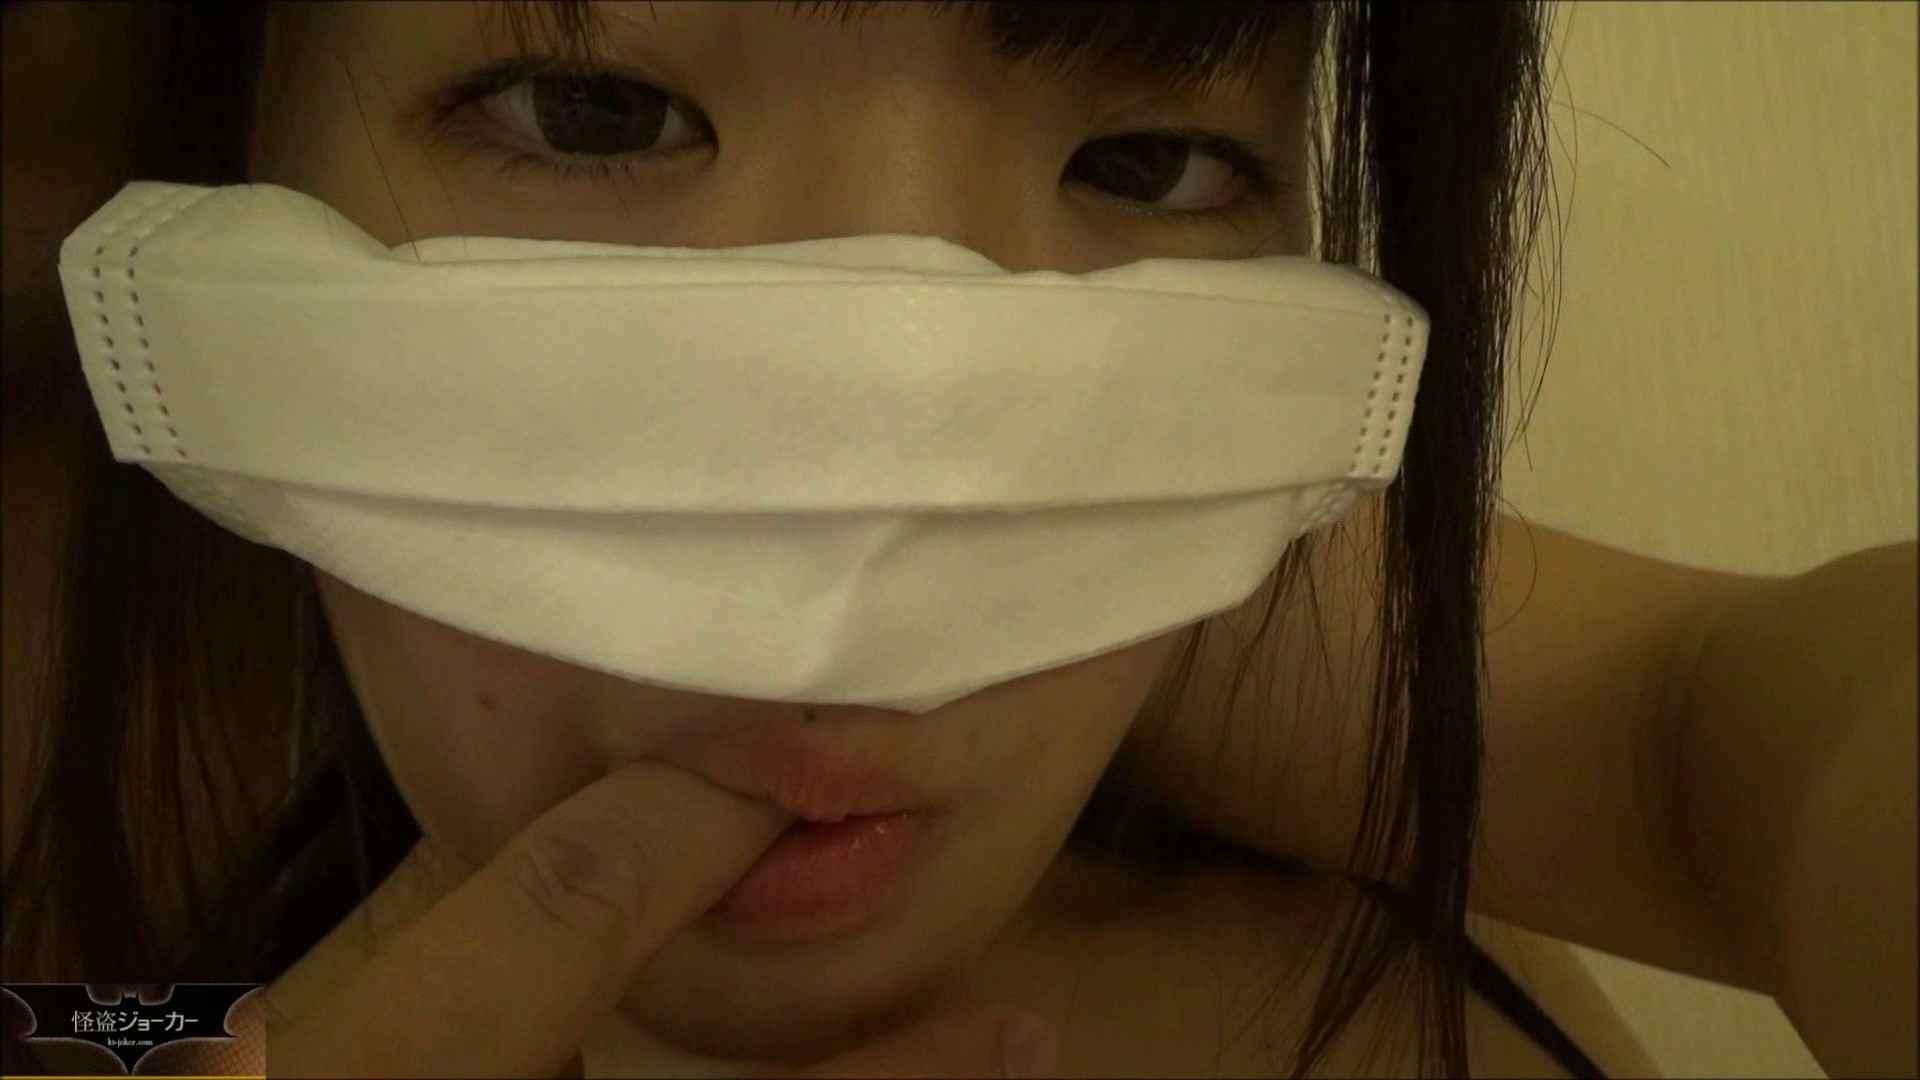 【未公開】vol.79 {関東某有名お嬢様JD}yuunaちゃん③ フェラ ヌード画像 62PIX 2